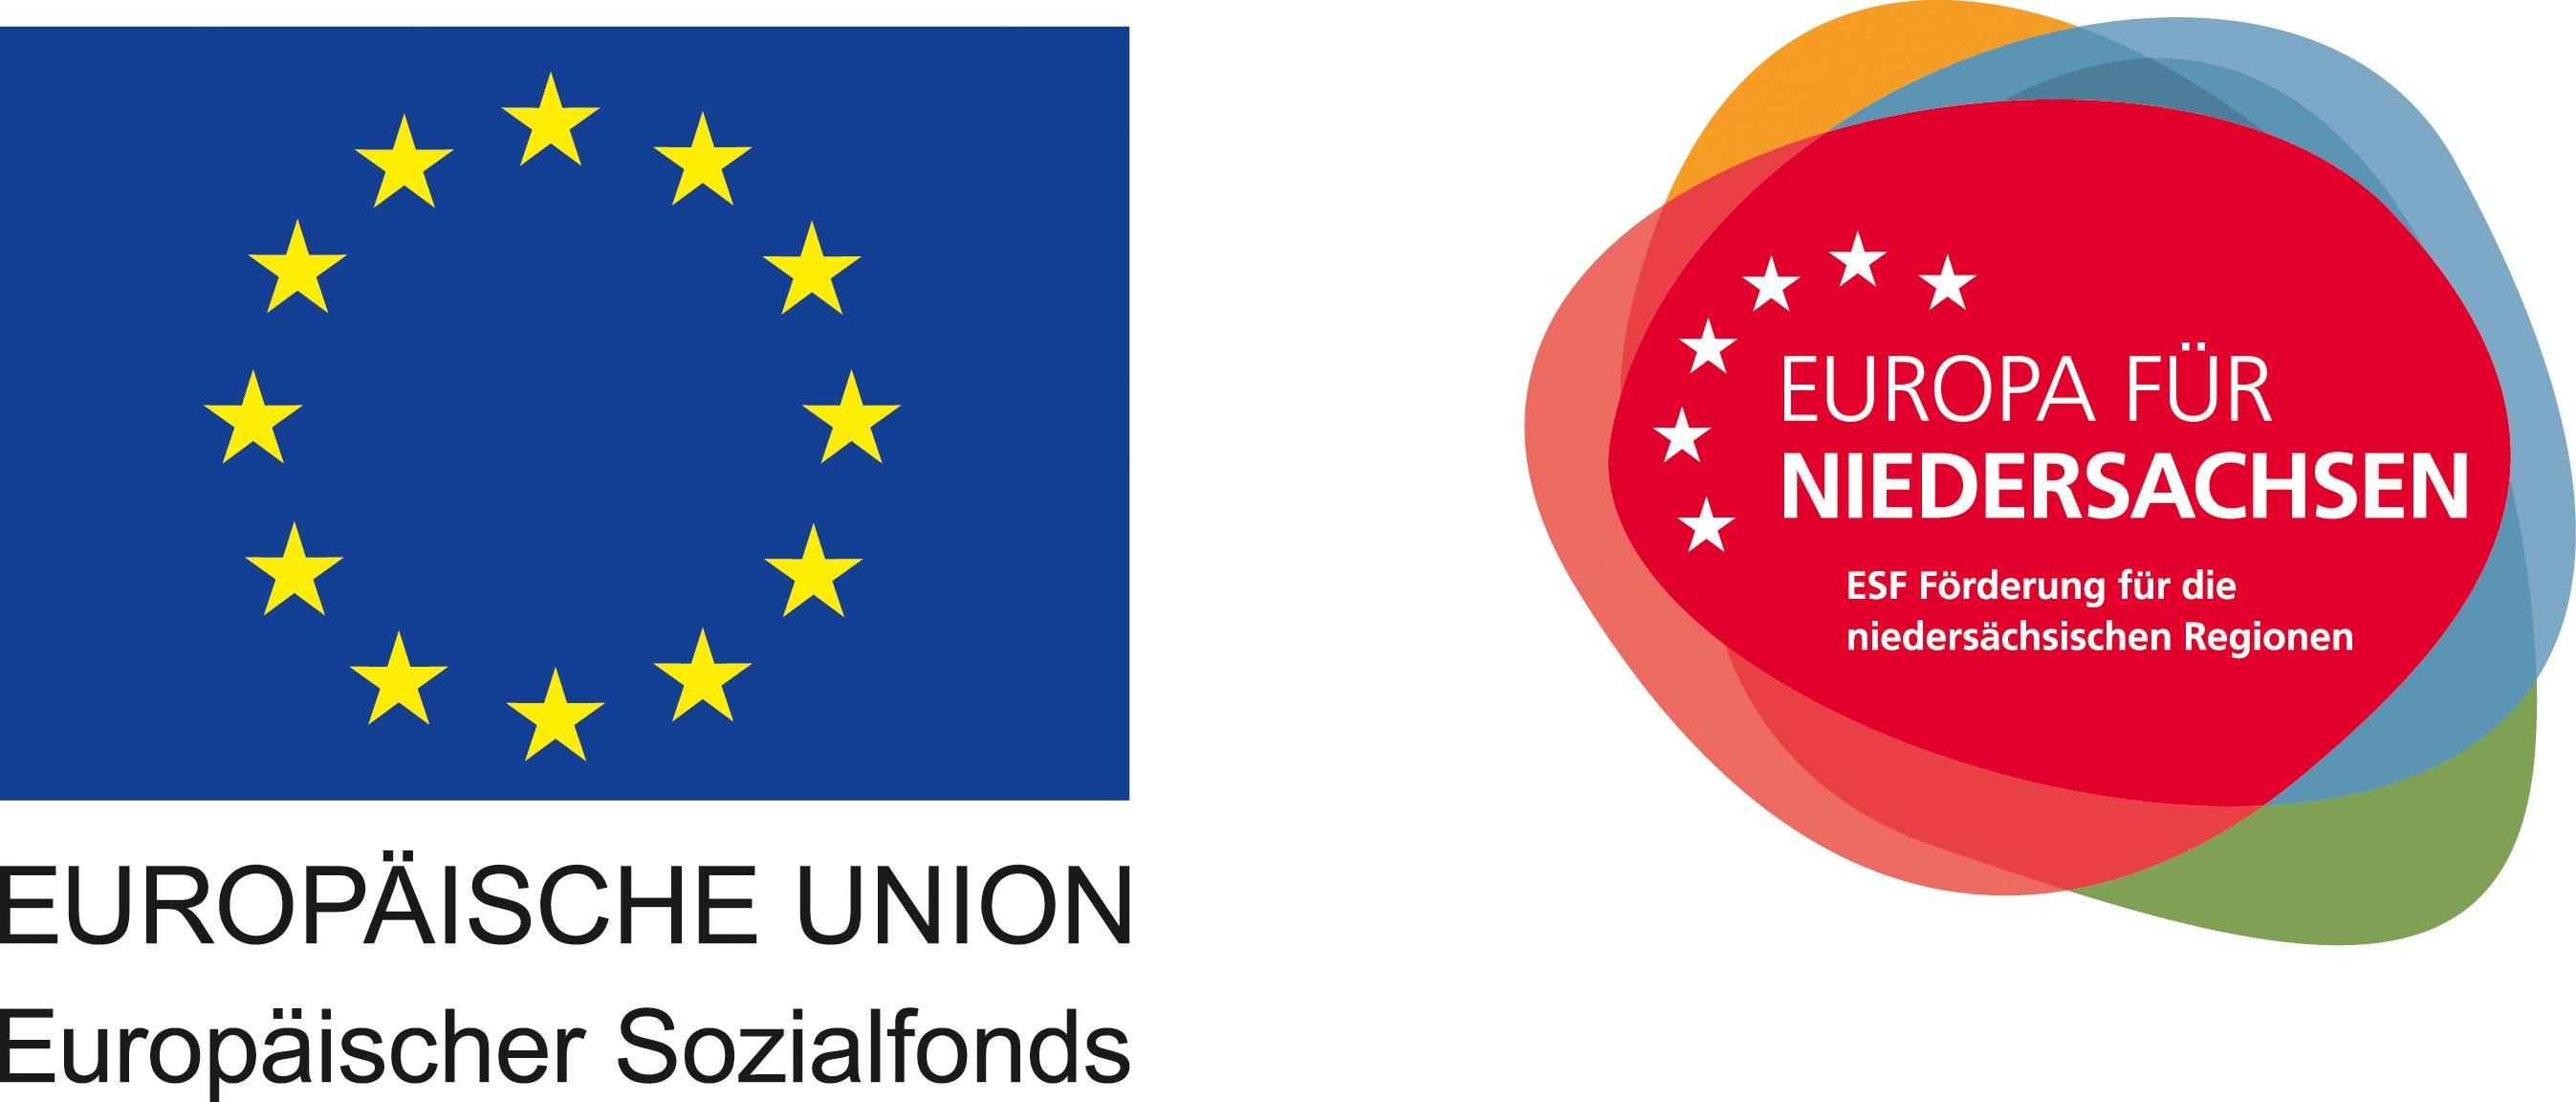 Logo und Label der europäischen Sozialfonds